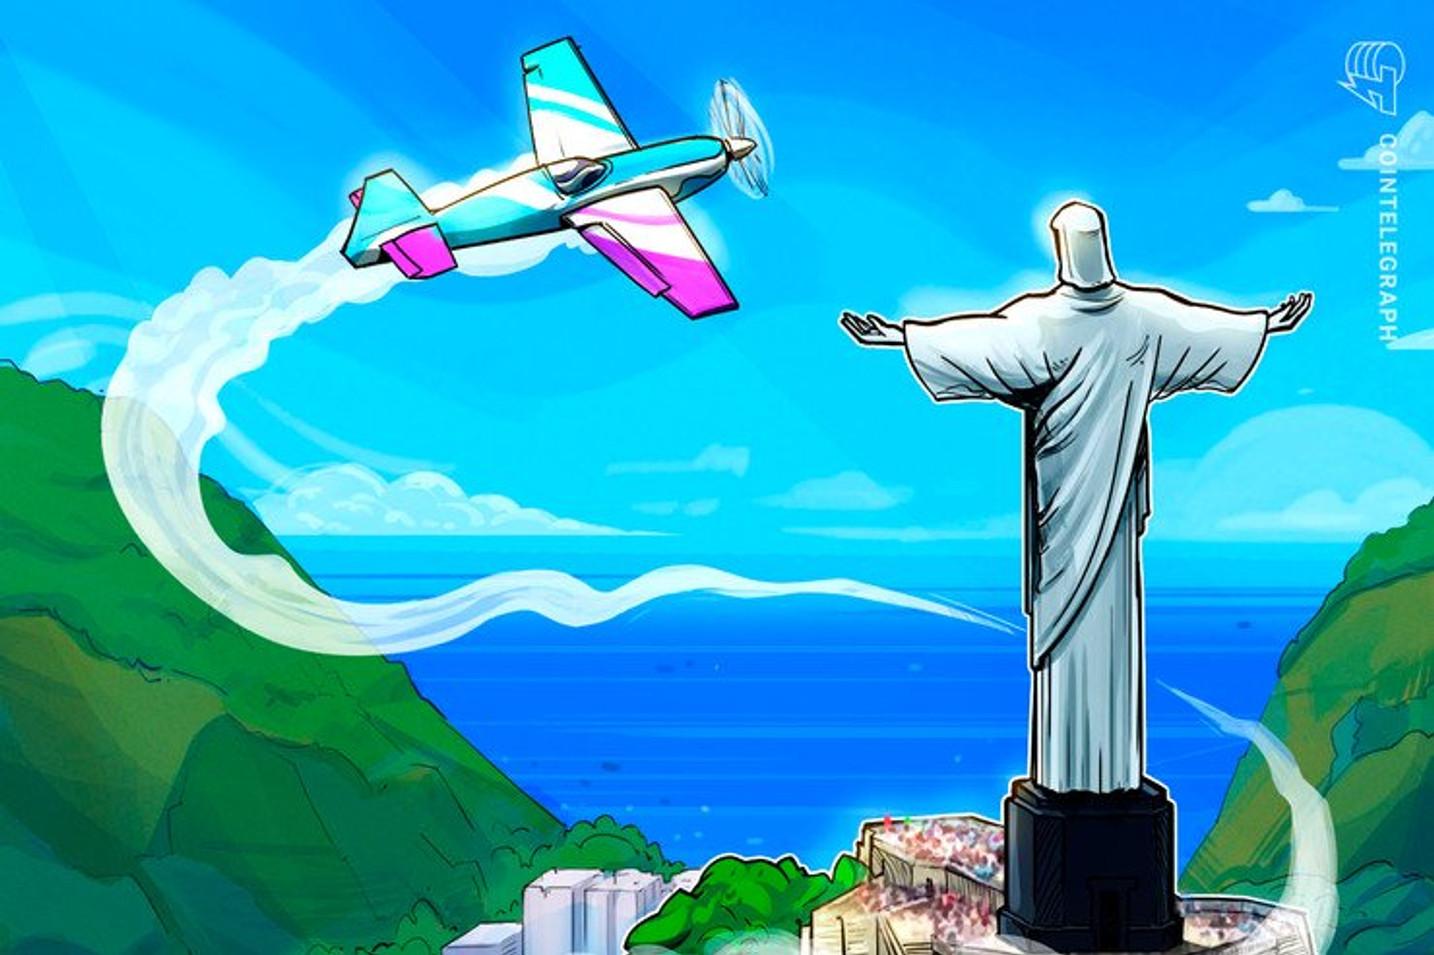 'Fim' do TED e DOC: Banco Central anuncia regras de funcionamento do PIX, o pagamento instantâneo do Brasil